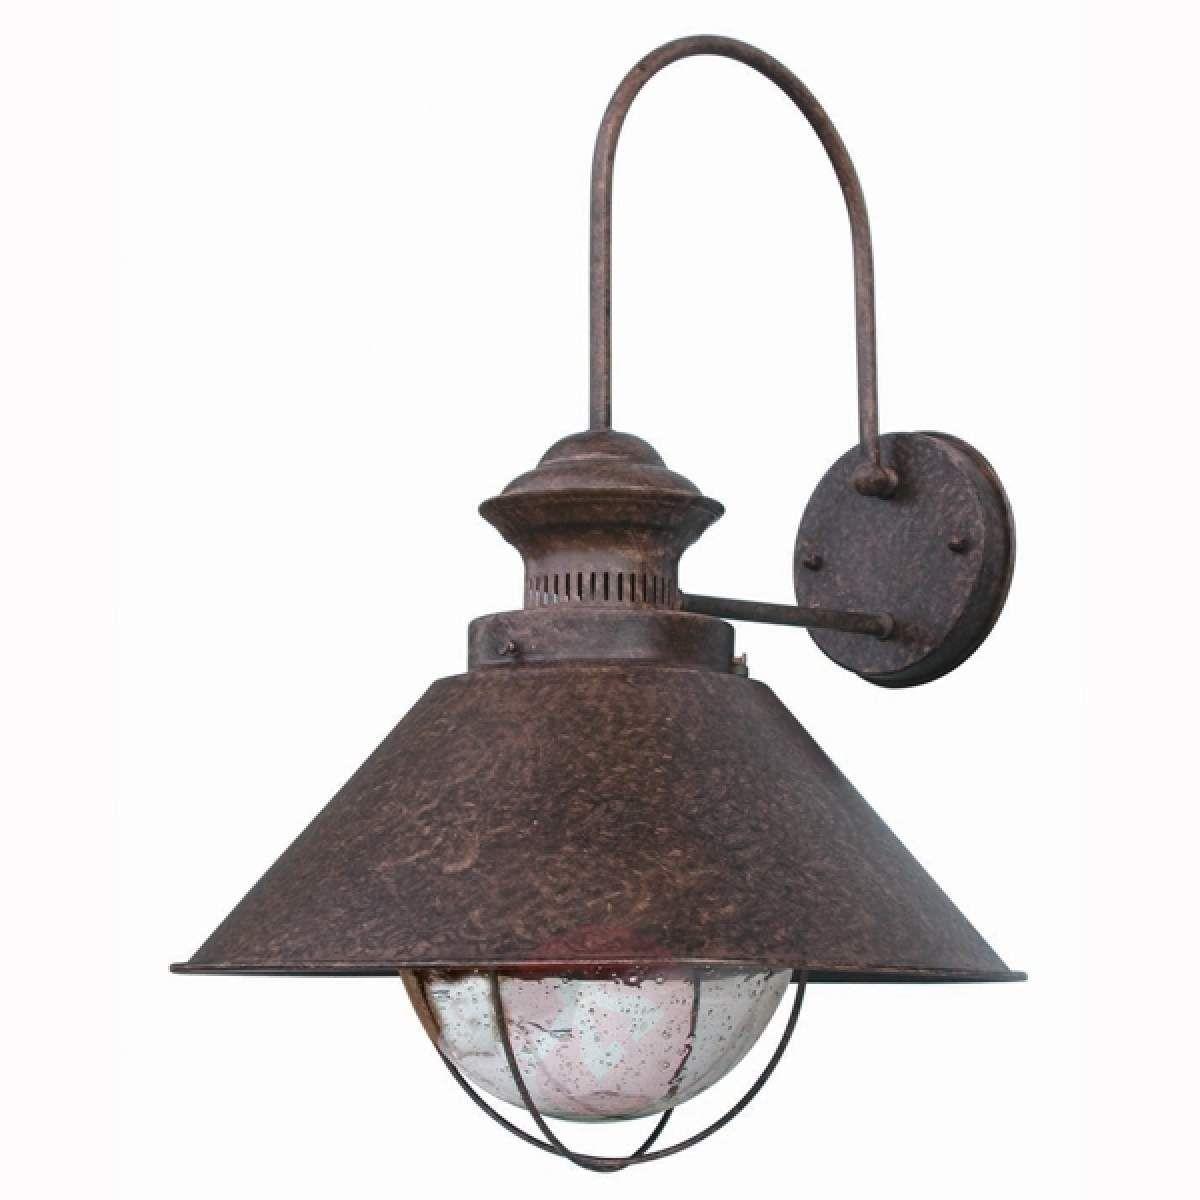 Magiczna Zewnętrzna Lampa ścienna Nautica 34 5 Cm Lampy